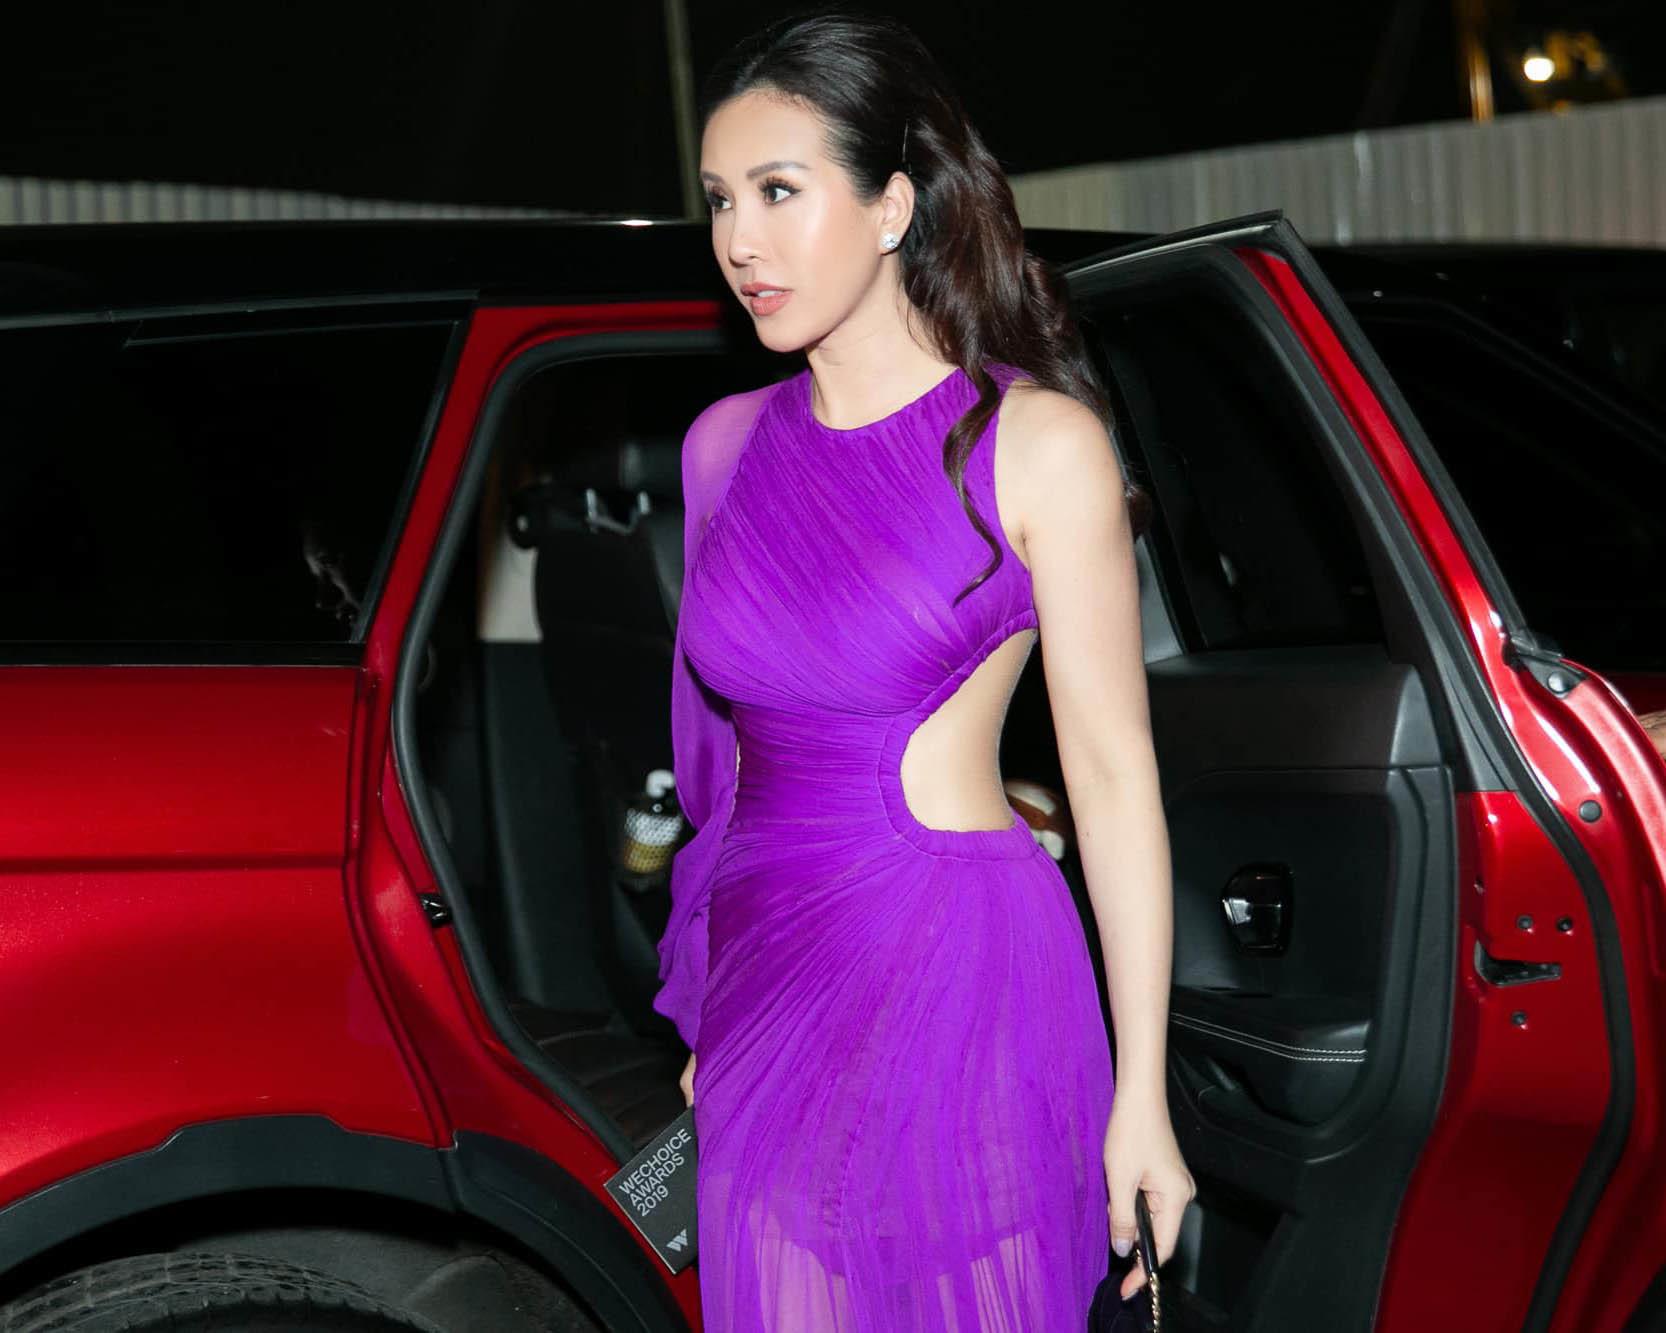 """Góc khuất cuộc sống của Hoa hậu Thu Hoài ở tuổi 45: Quyến rũ """"vạn người mê"""", hạnh phúc bên tình trẻ kém 10 tuổi - Ảnh 7."""